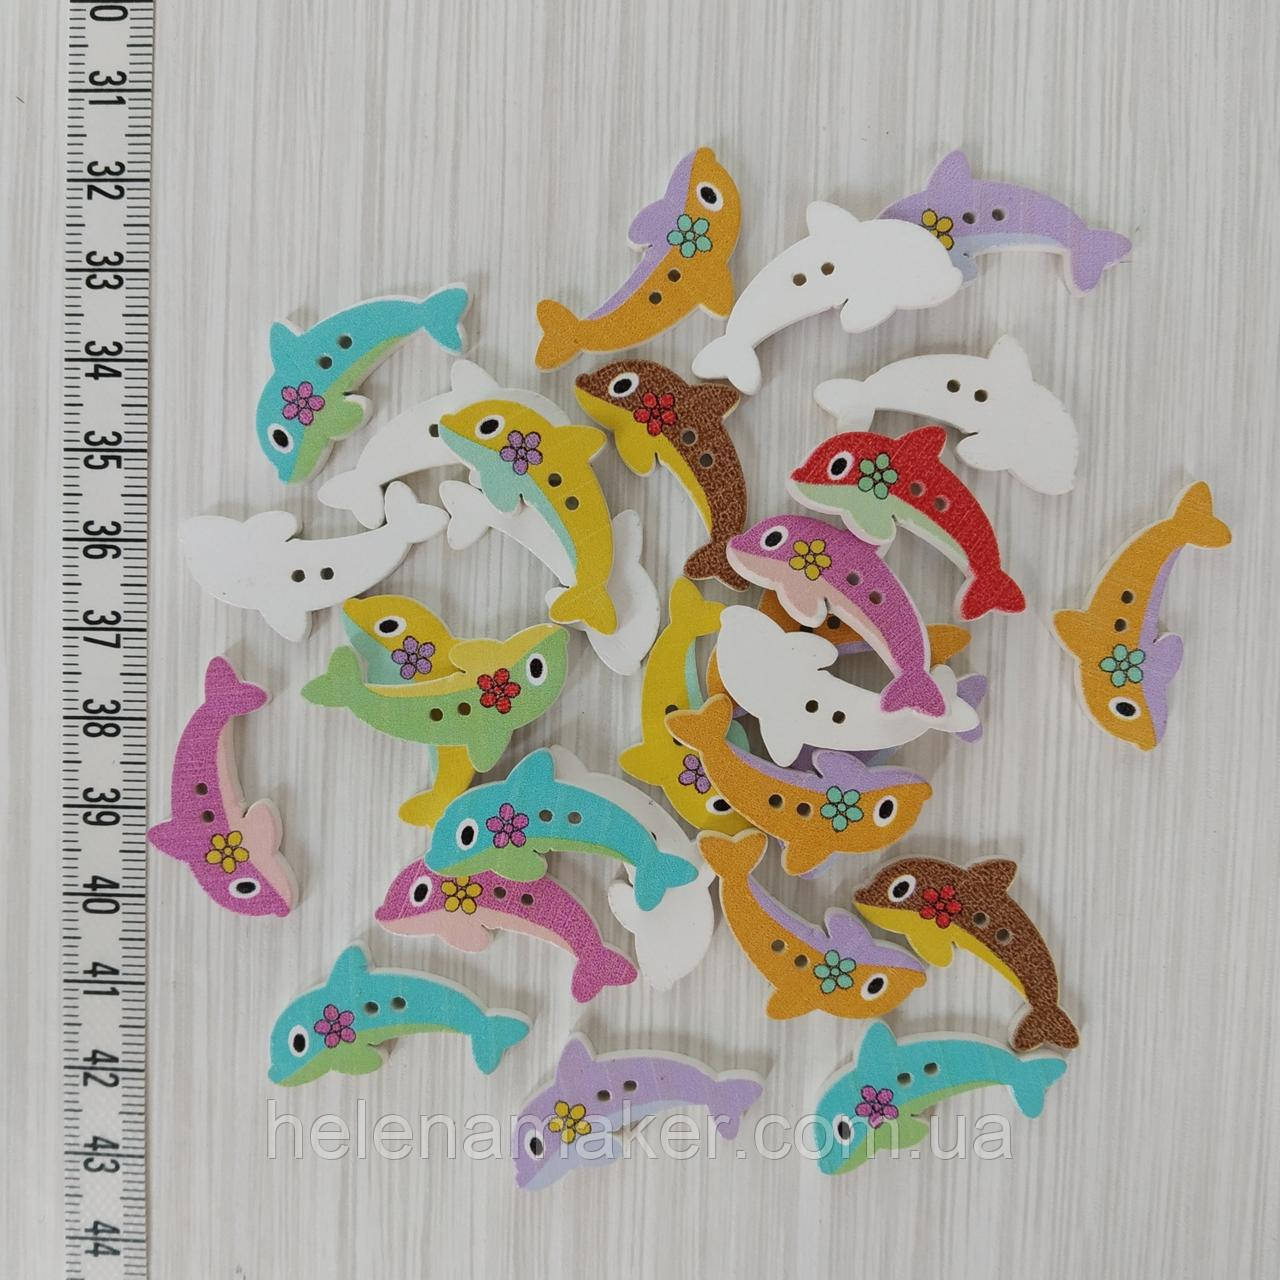 Пуговица детская деревянная Дельфин 15*30 мм